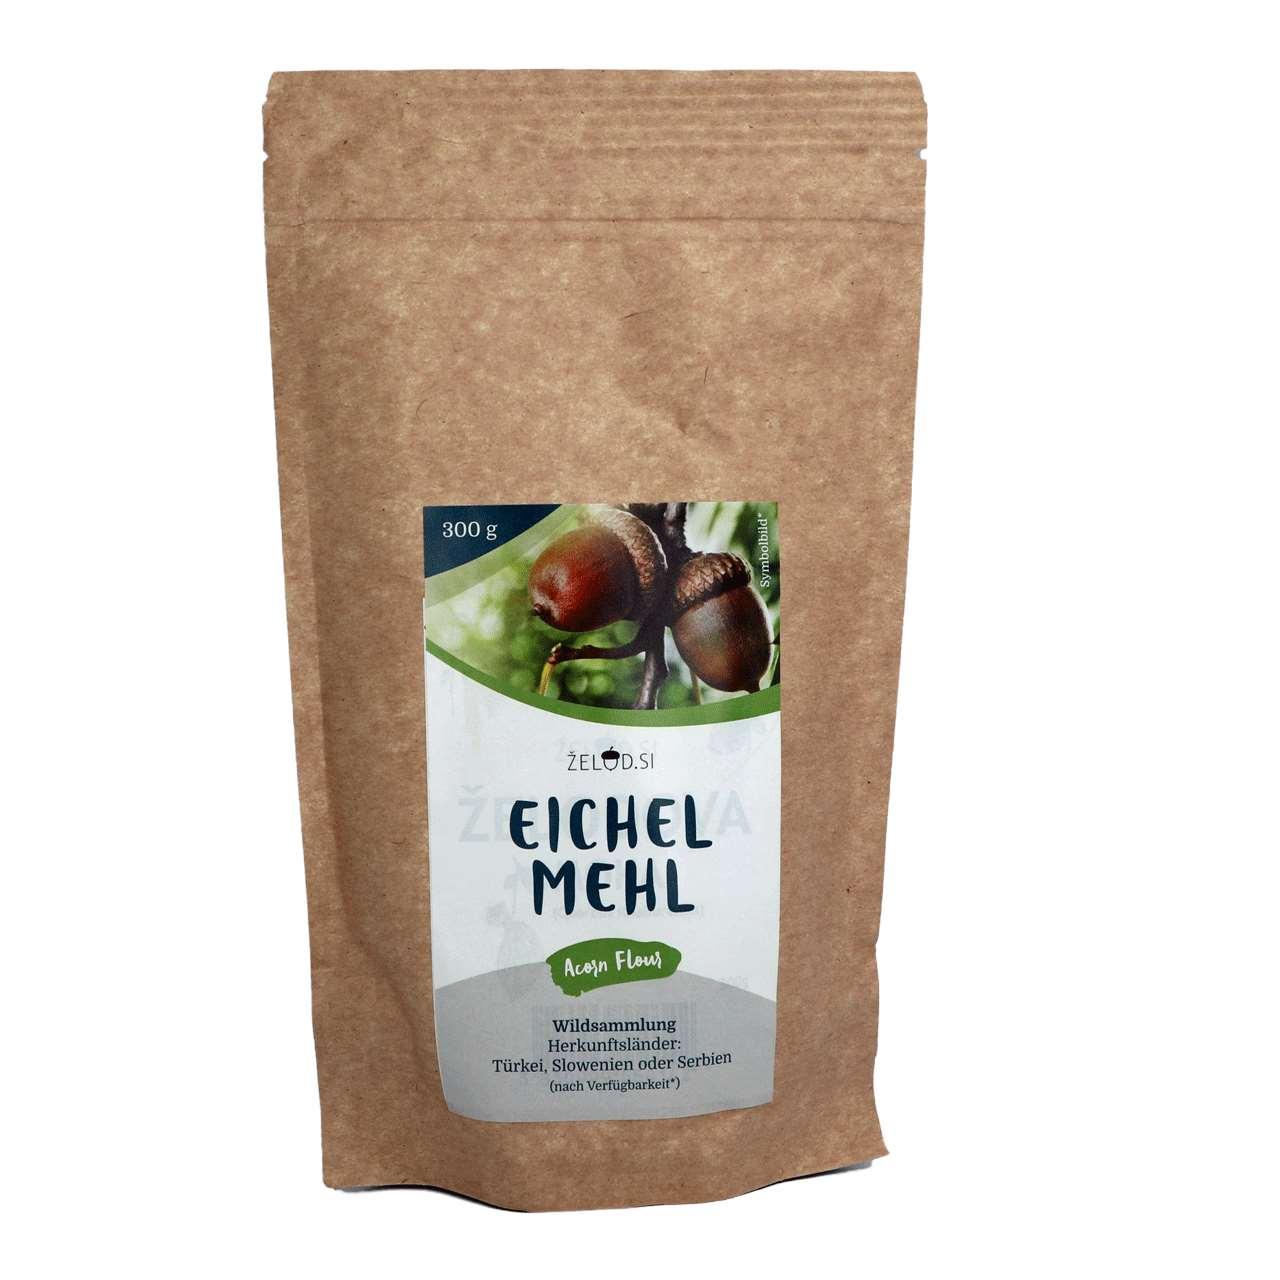 Eichelmehl aus Wildsammlung LE, 300 g